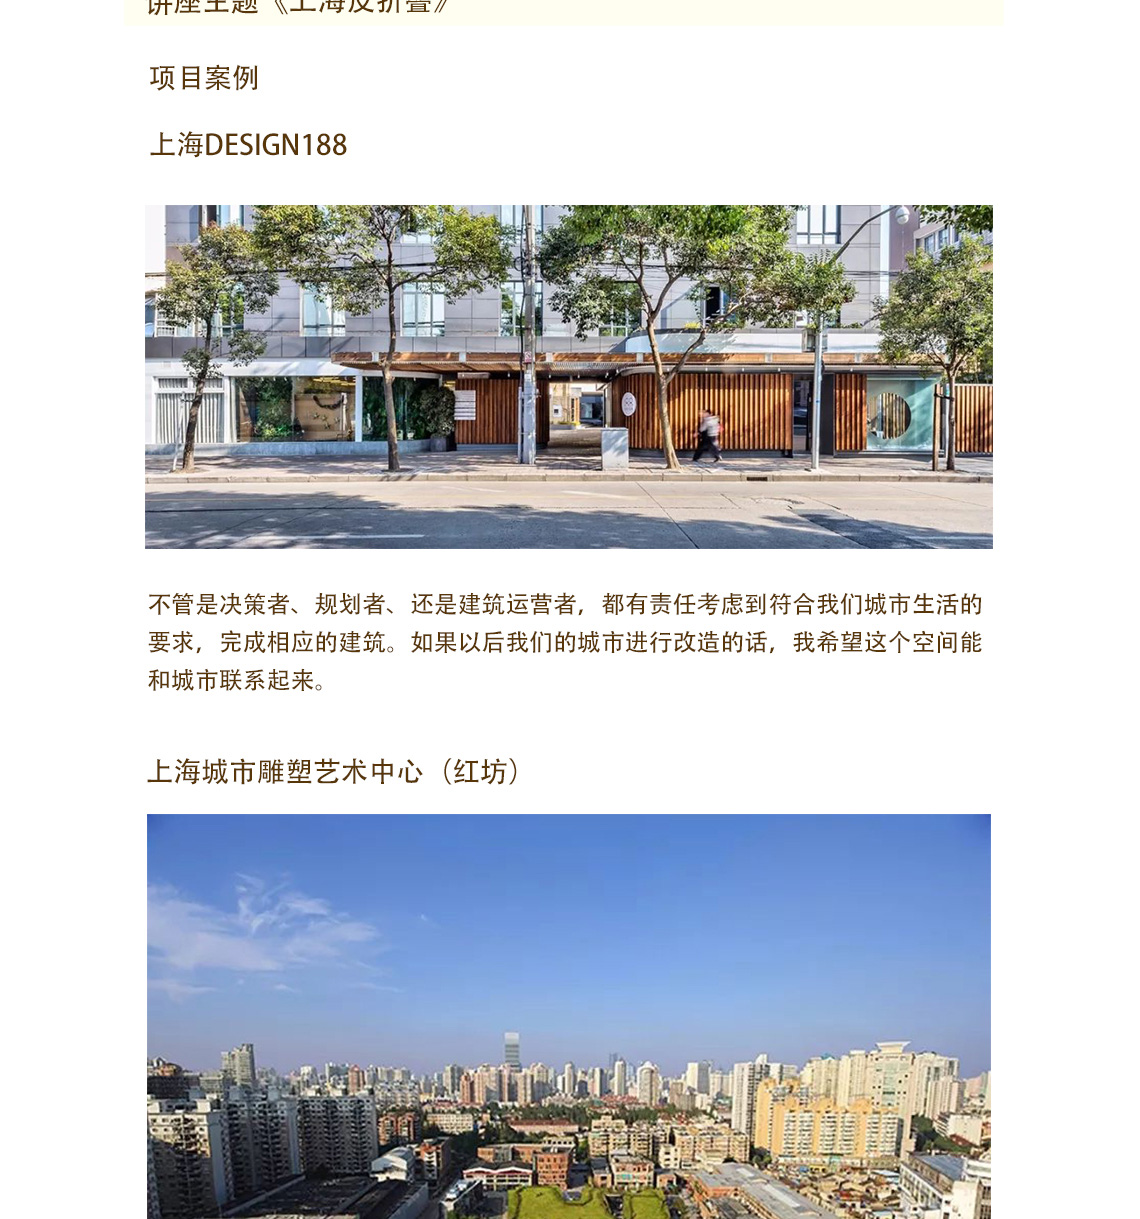 思考与探讨城市空间